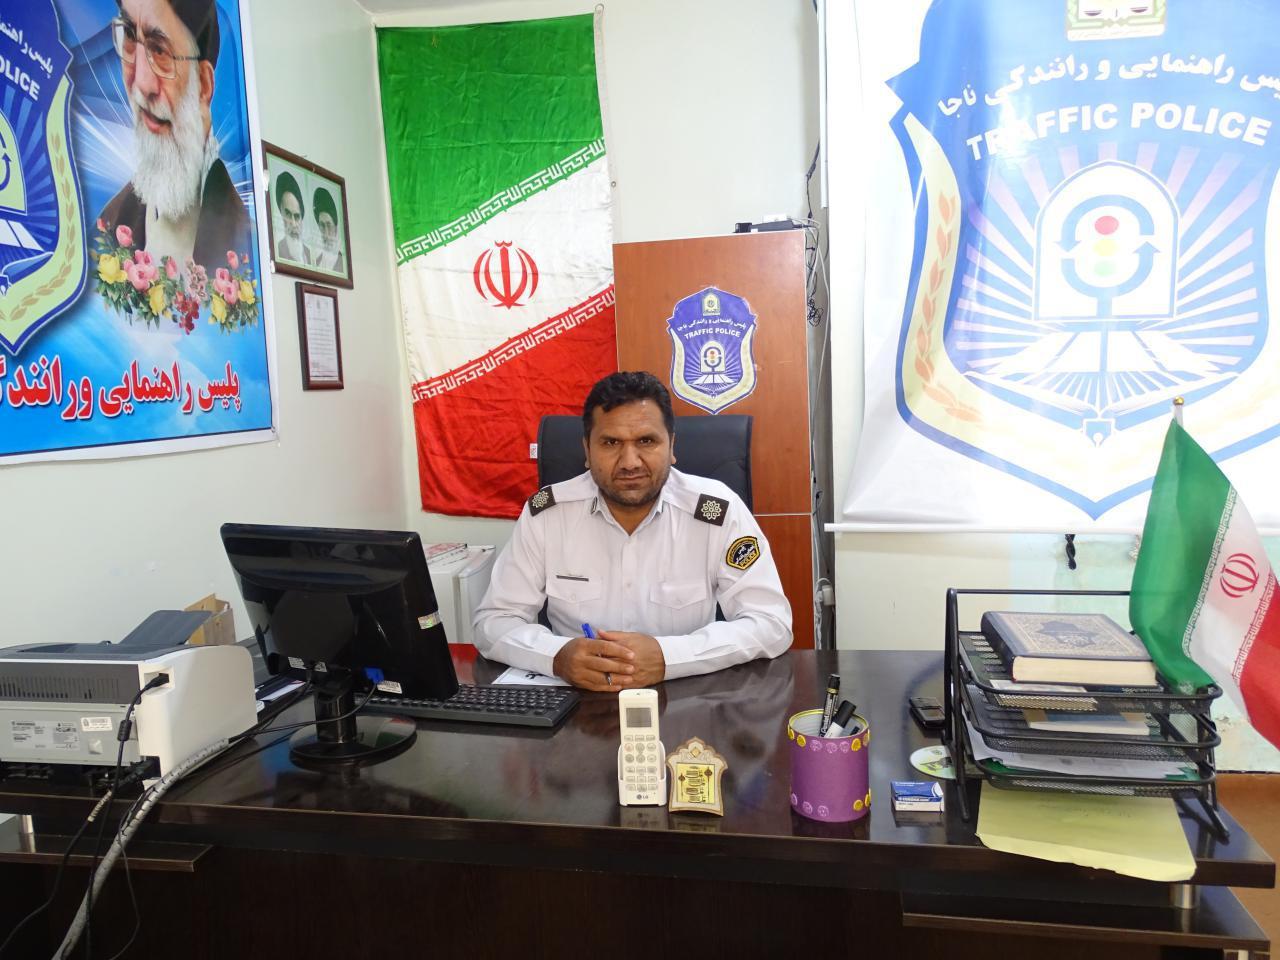 رئیس پلیس راهور شهرستان باشت خبر داد:طرح ترخیص موتورسیکلت ها در کهگیلویه و بویراحمد تمدید شد.